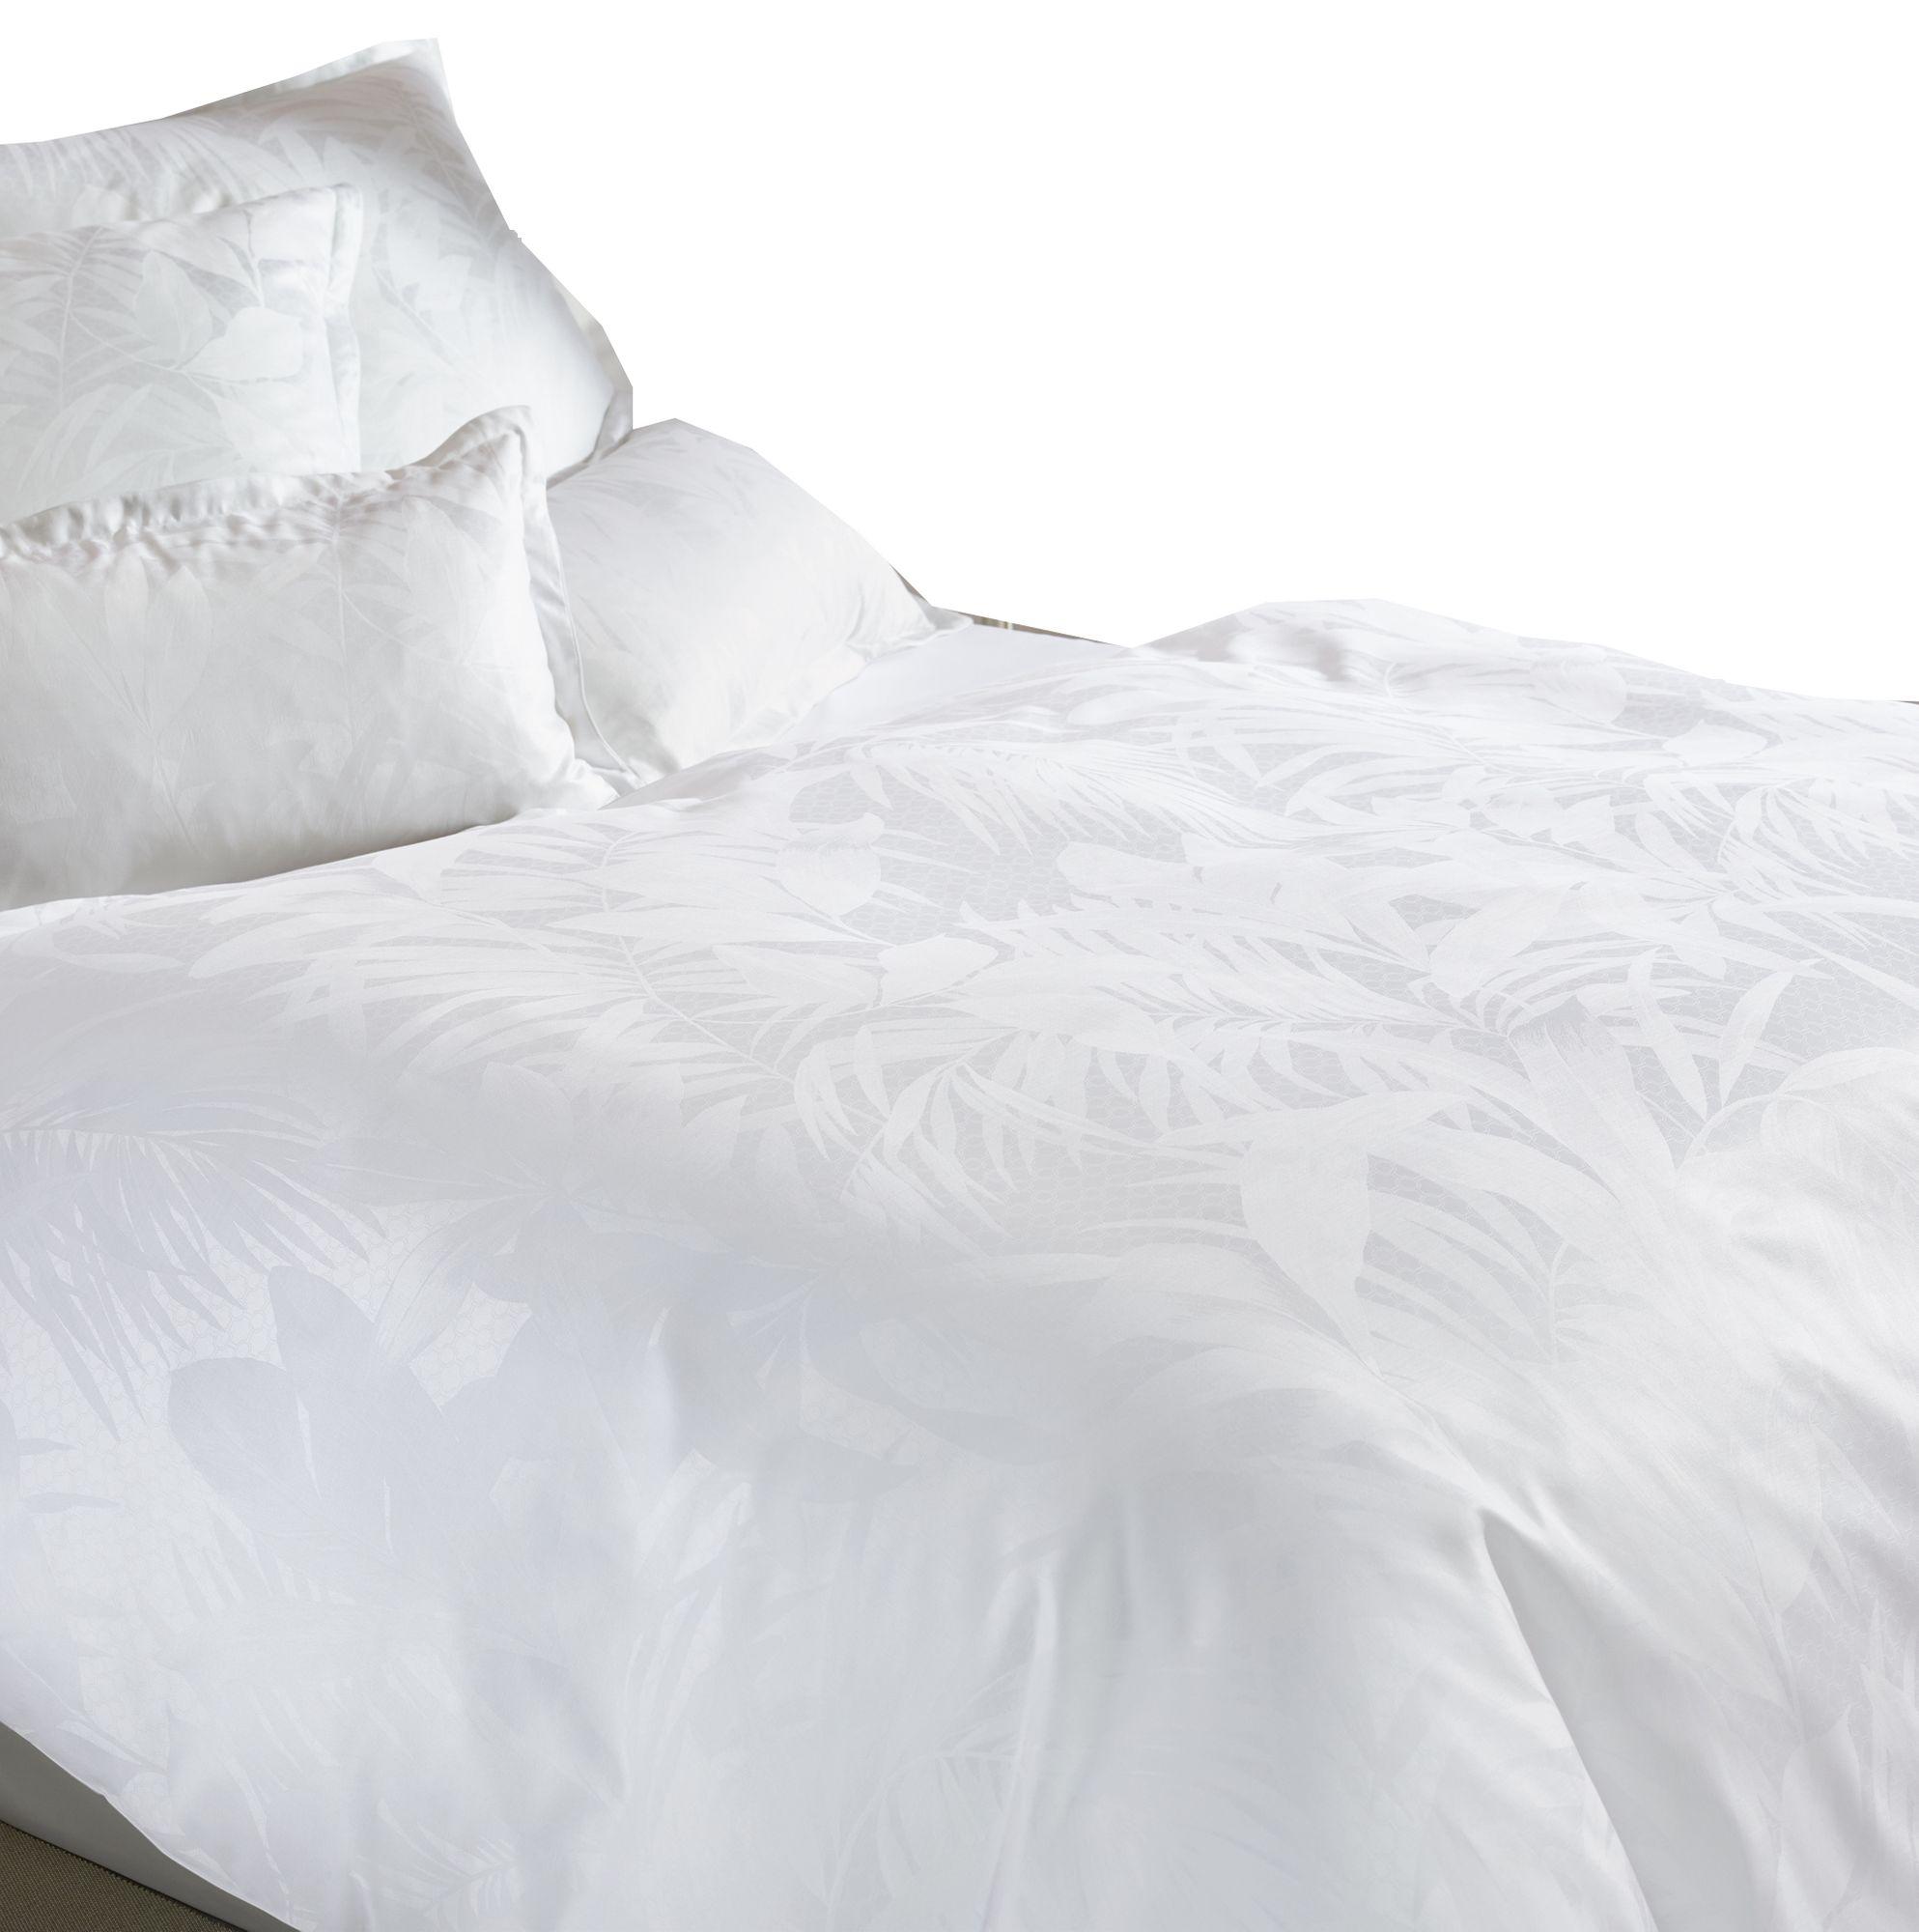 curt bauer mako brokat damast bettw sche cannes gr e 155x220 80x80 cm farbe wei bettw sche. Black Bedroom Furniture Sets. Home Design Ideas